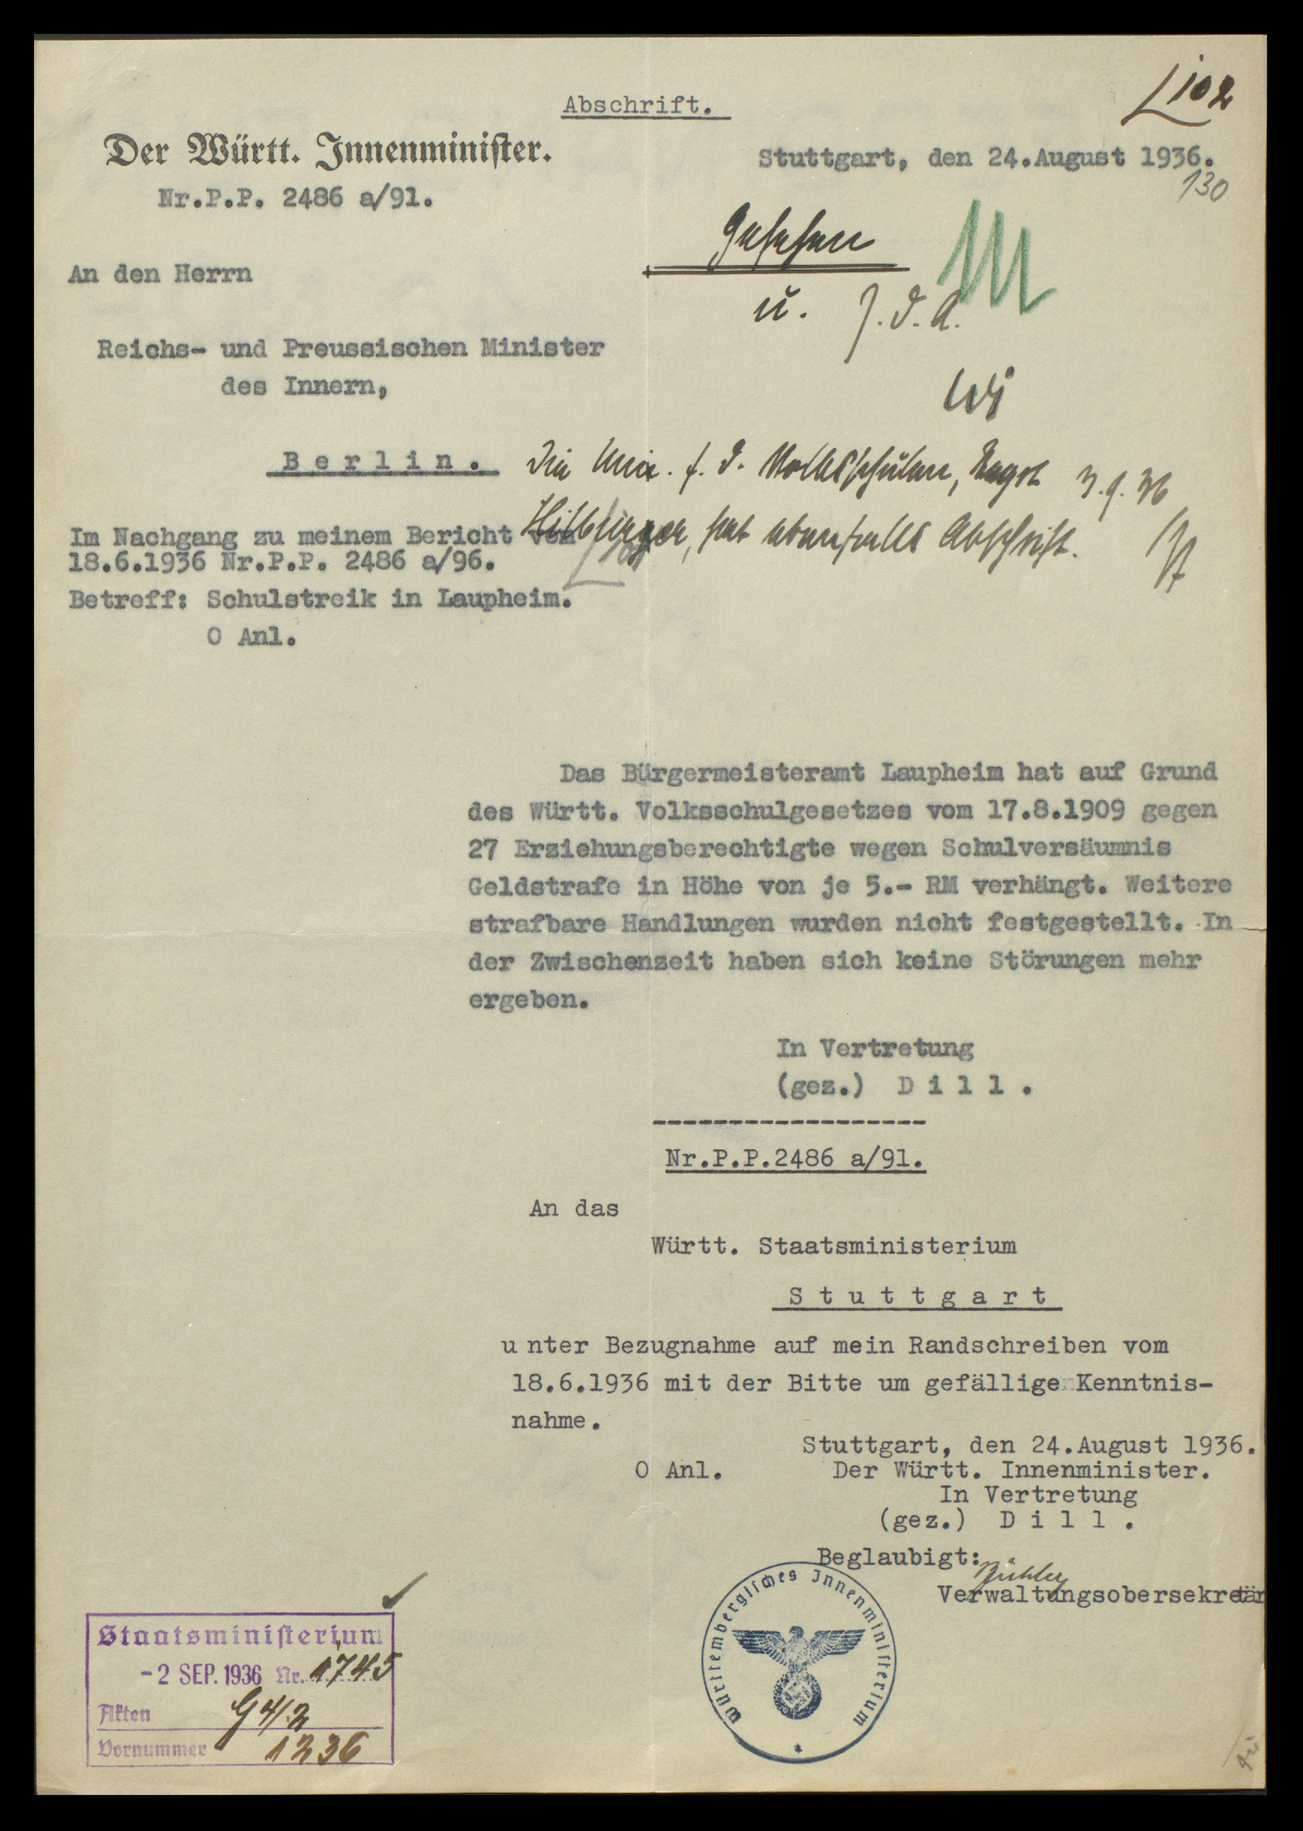 Allgemeine Volksschulfragen, Bild 3